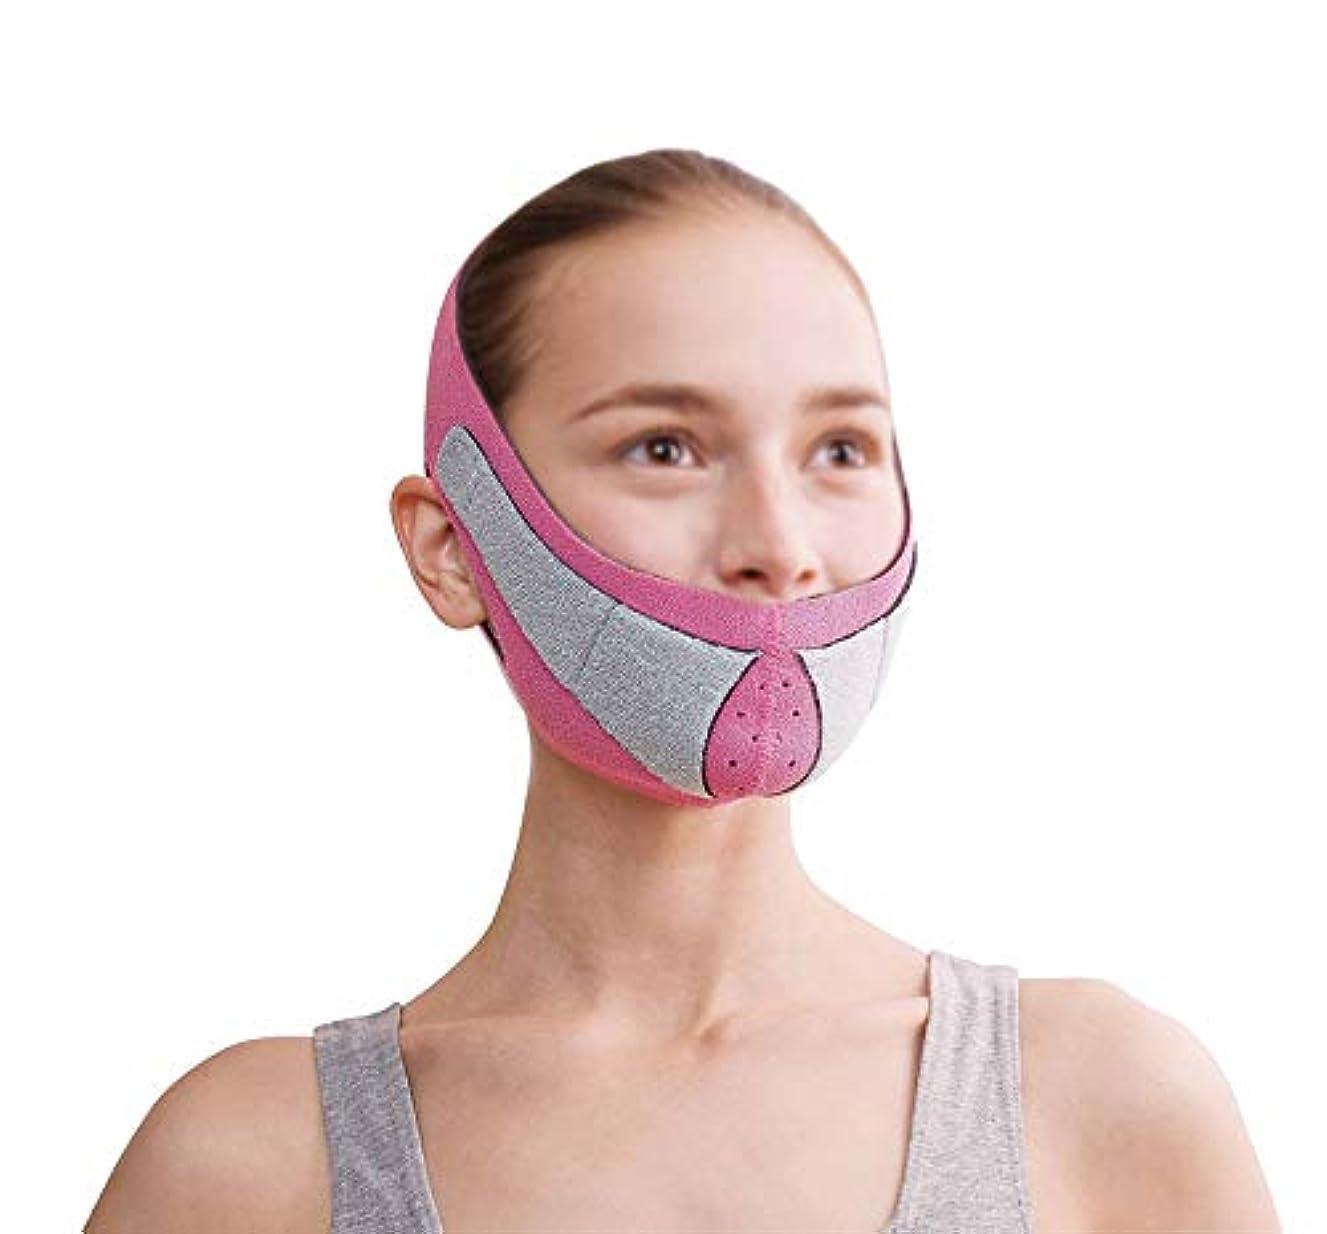 ダニどちらか兄弟愛フェイスリフトマスク、顔のマスクプラス薄いフェイスマスクタイトな垂れ下がりの薄いフェイスマスク顔の薄いフェイスマスクアーティファクト美容ネックストラップ付き